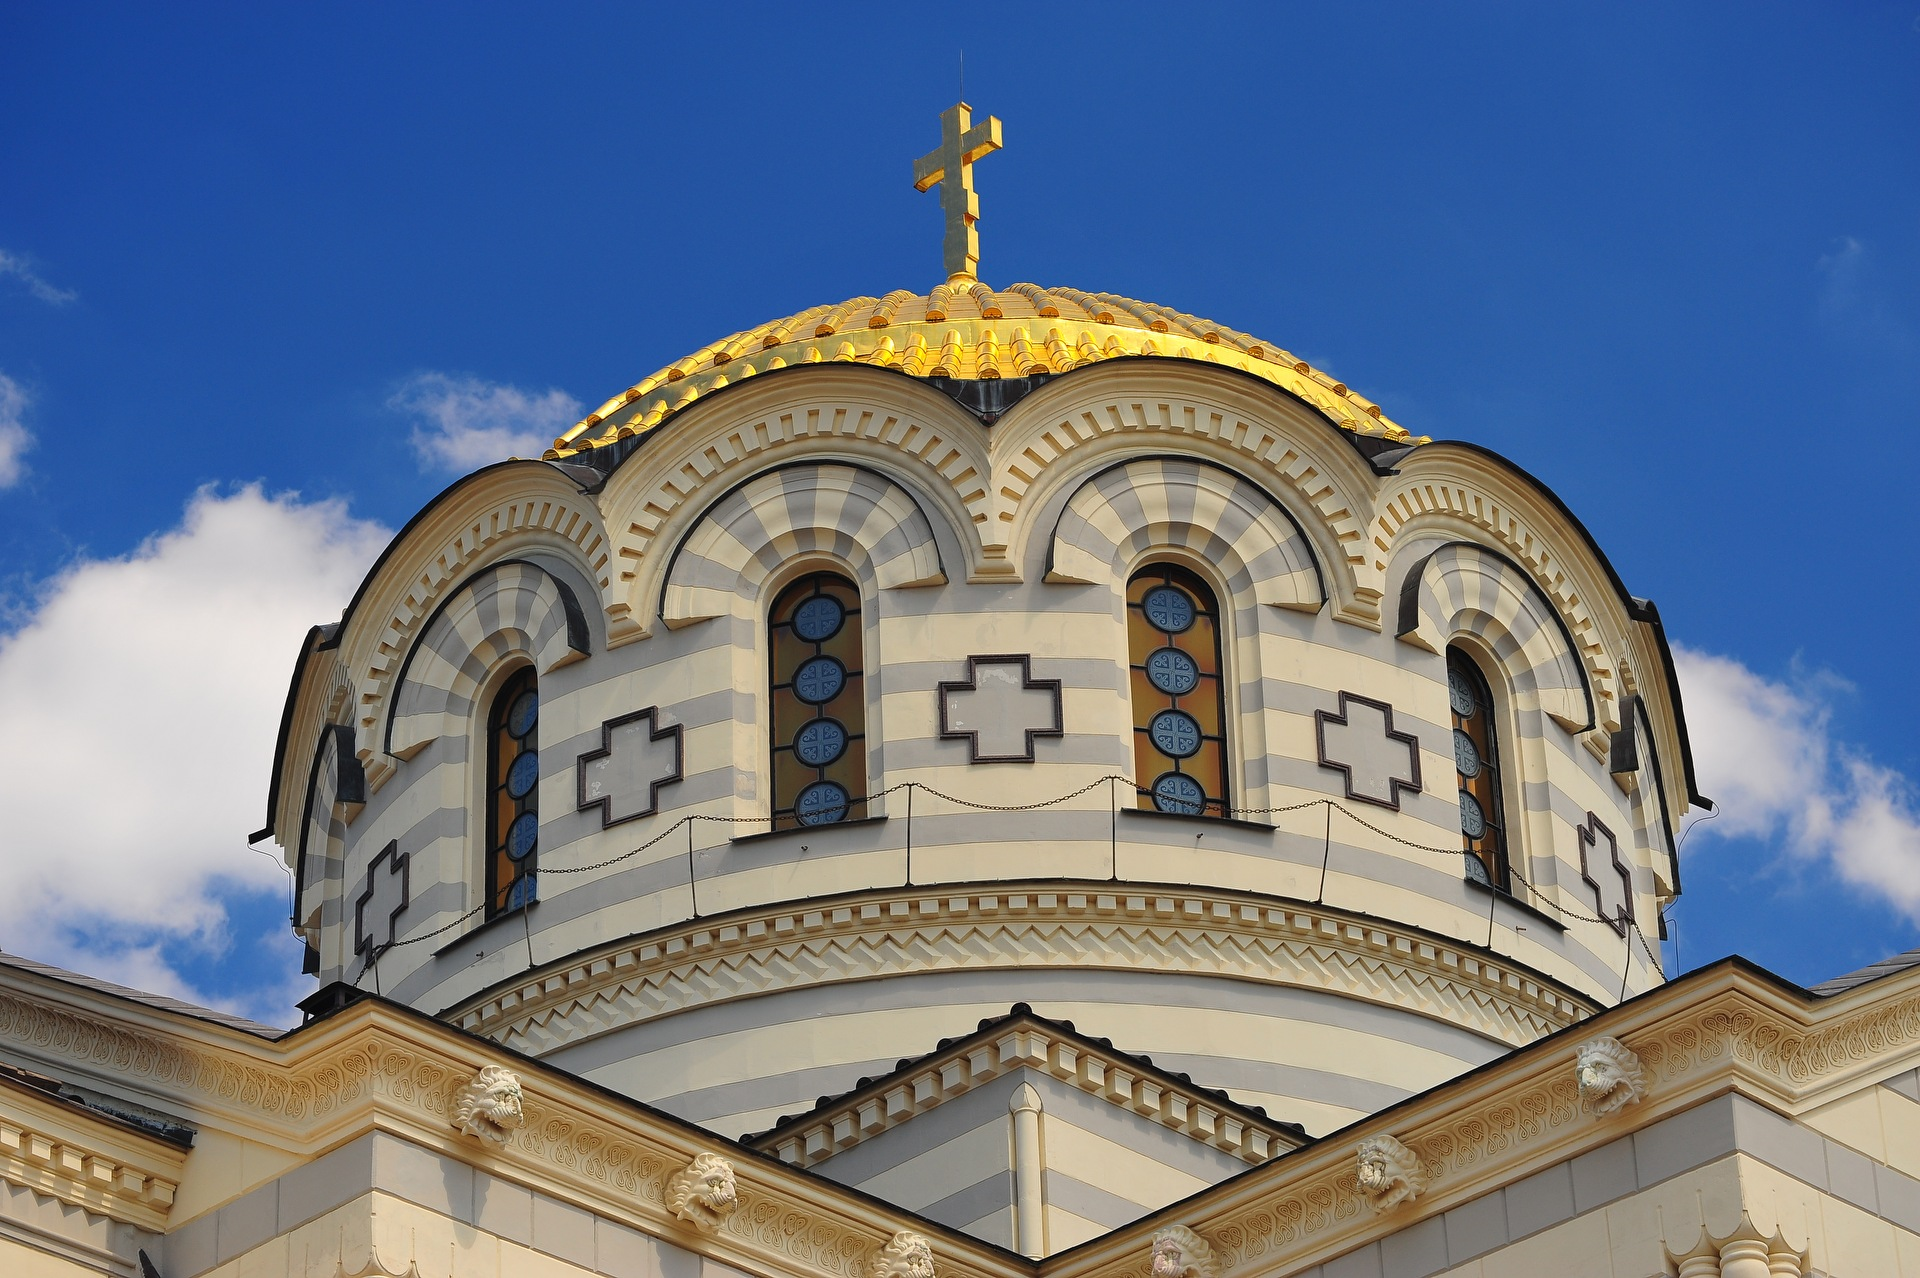 В.Р. Легойда: Ситуации Исаакиевского собора и объектов в Херсонесе совершенно разные